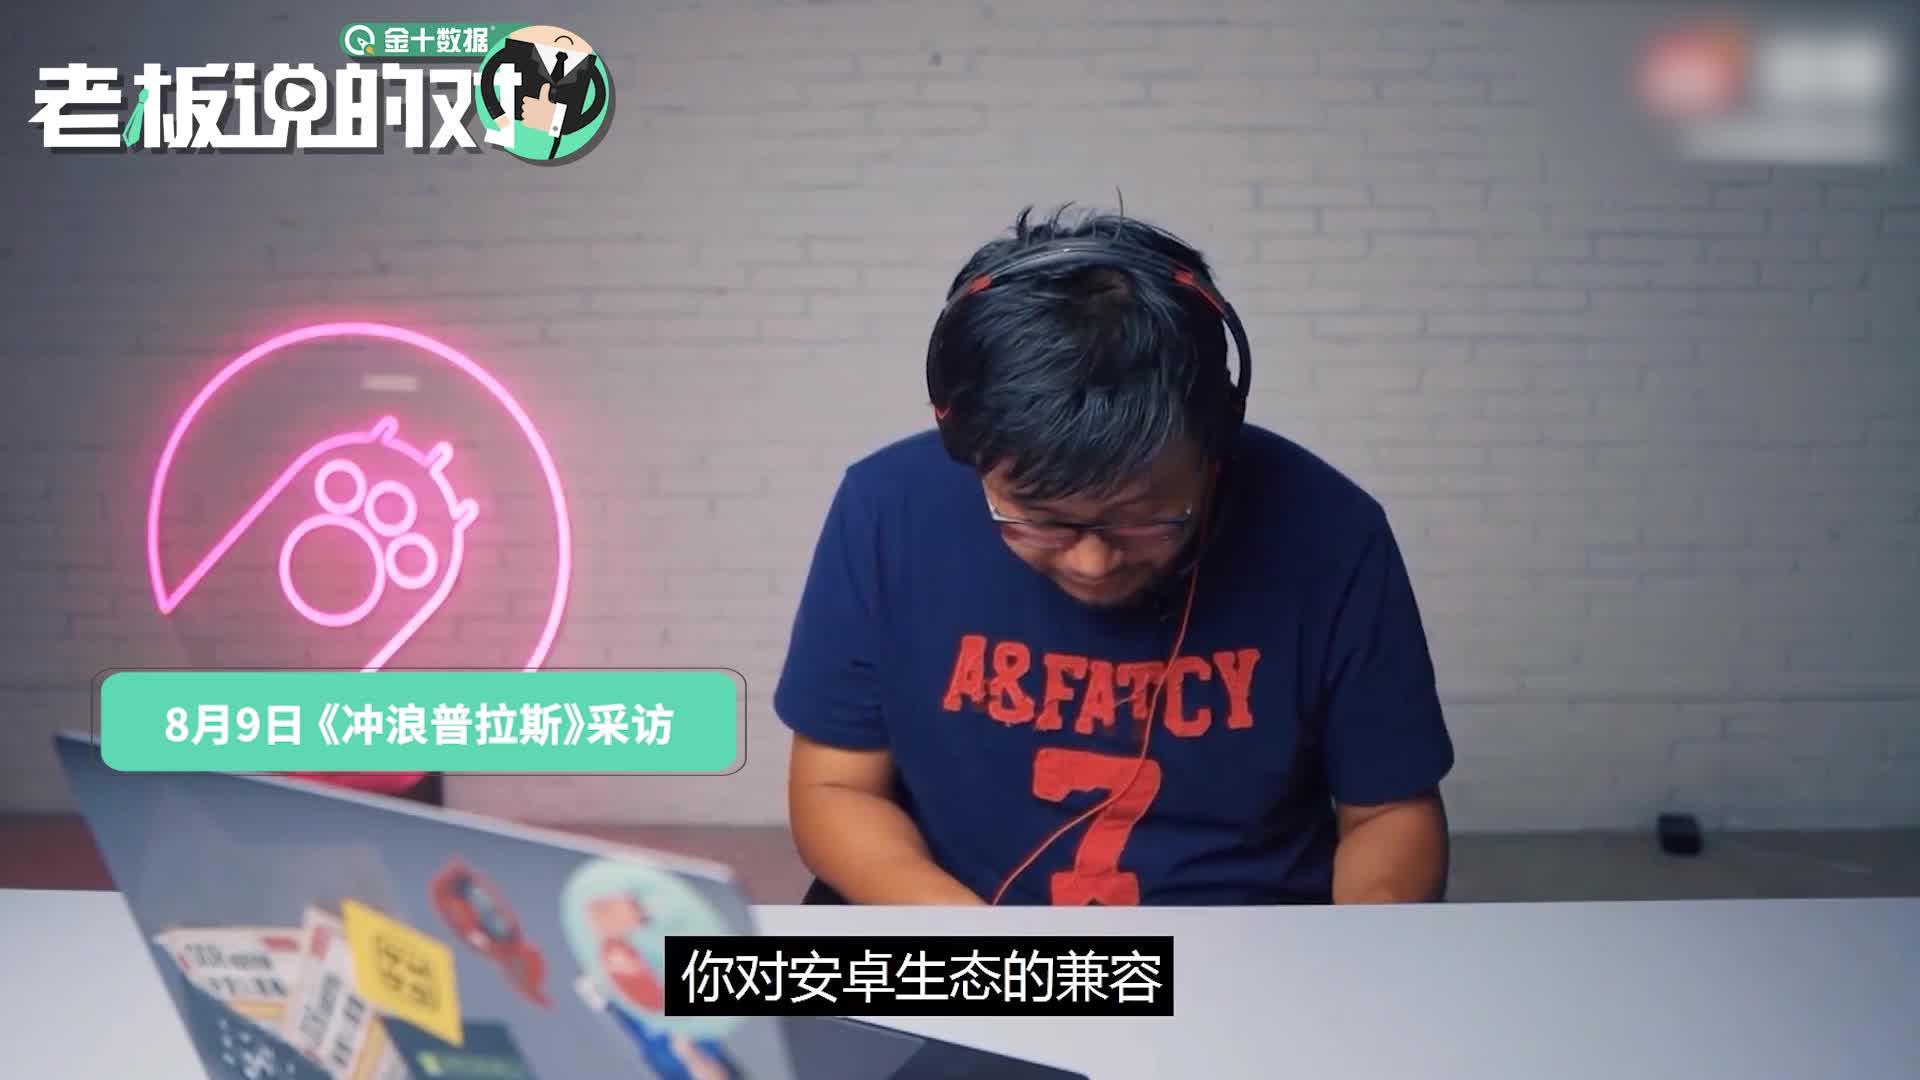 李楠:阿里云OS比华为鸿蒙更早、更成熟!但可惜没坚持下来